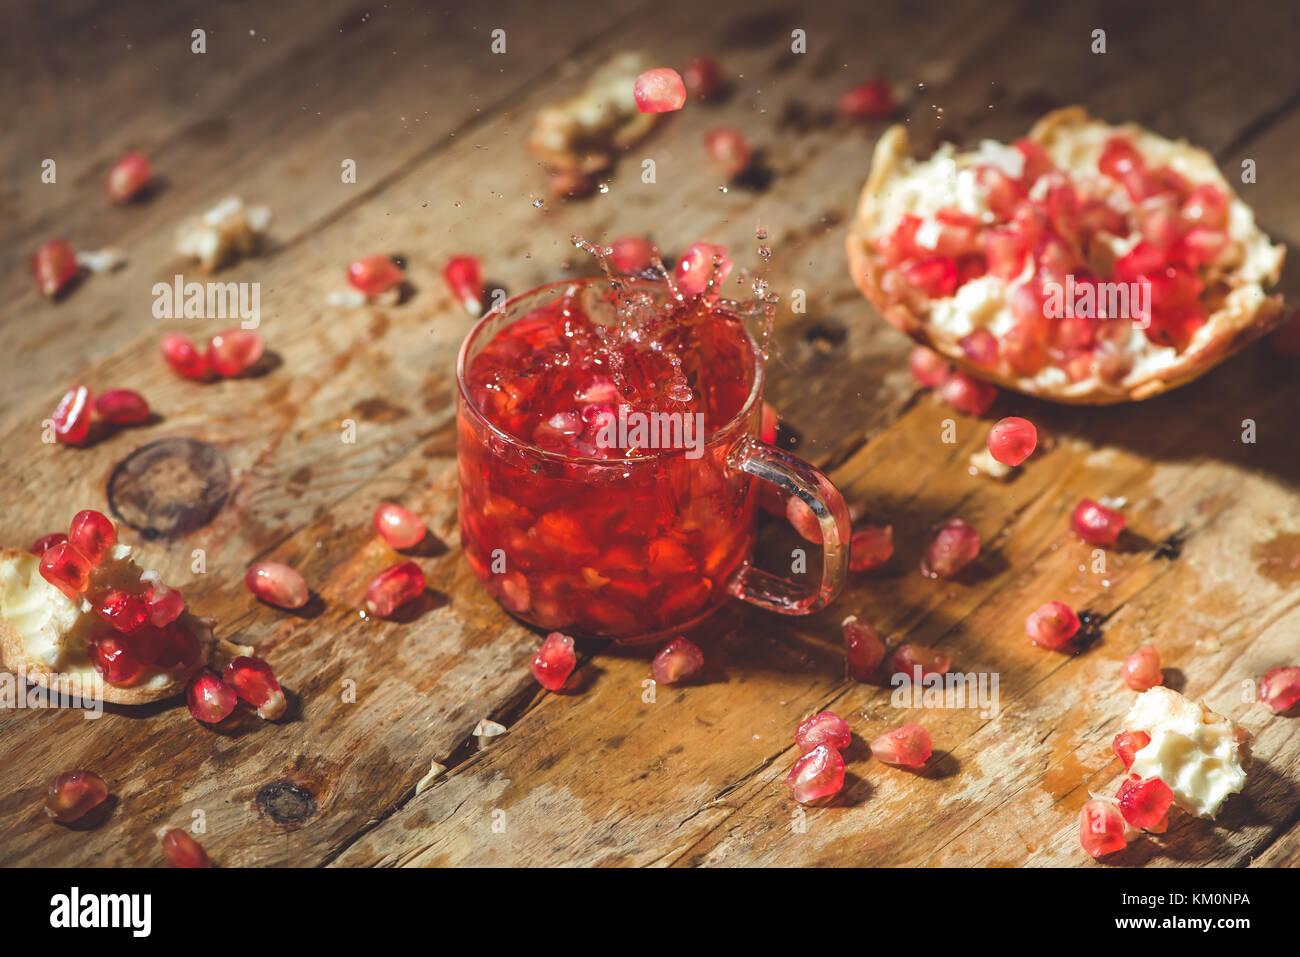 Granada madura con grietas y salpicaduras de zumo de frutas y semillas de fondo vintage de madera. Imagen De Stock